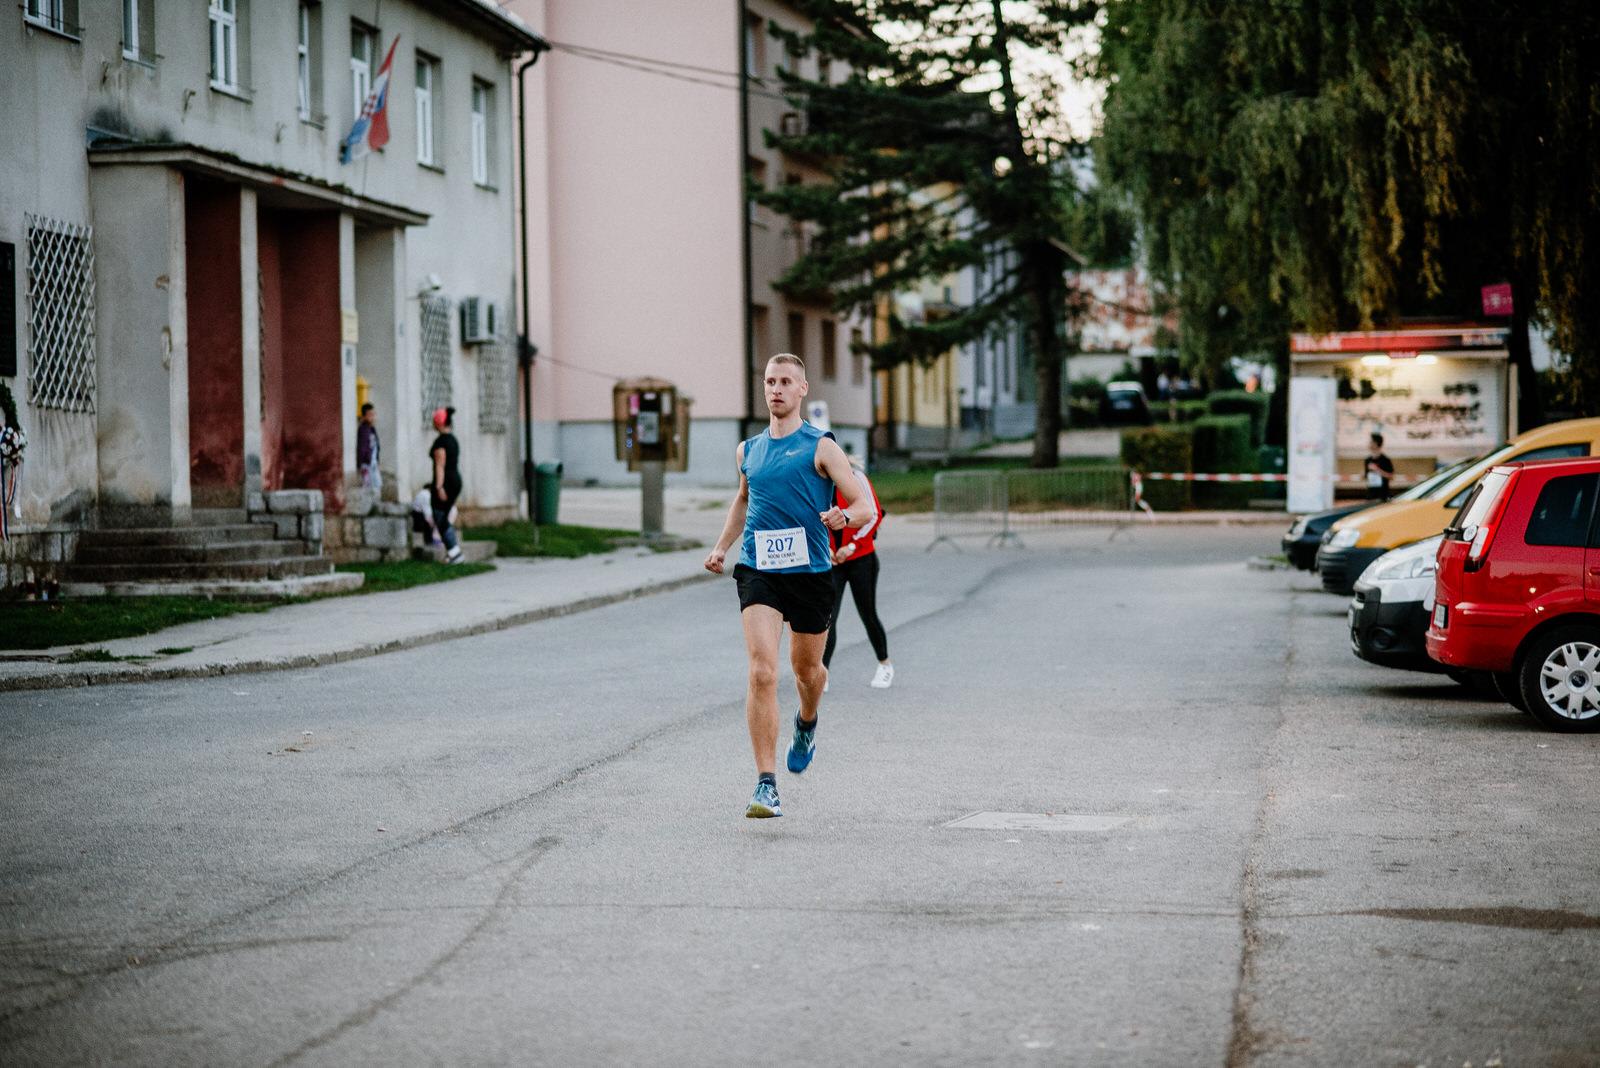 likaclub_korenica_noćna-utrka-2019-16